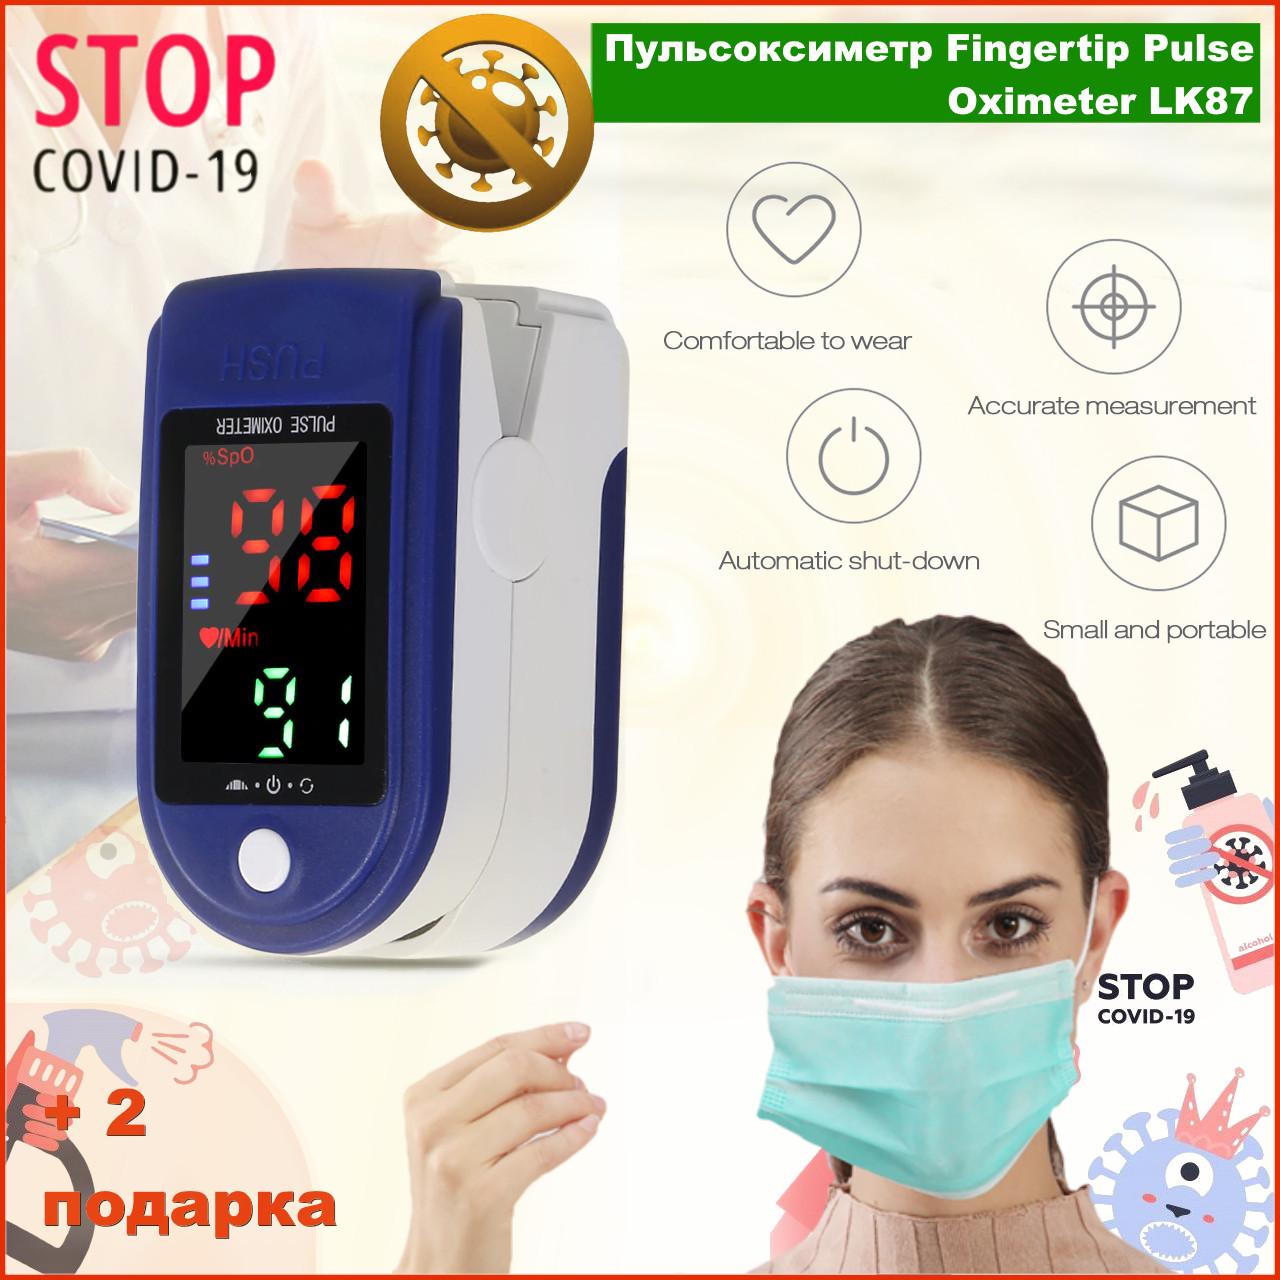 Пульсоксиметр медицинский на палец Fingertip Pulse Oximeter LK87 измерения кислорода крови пульсометр оксиметр